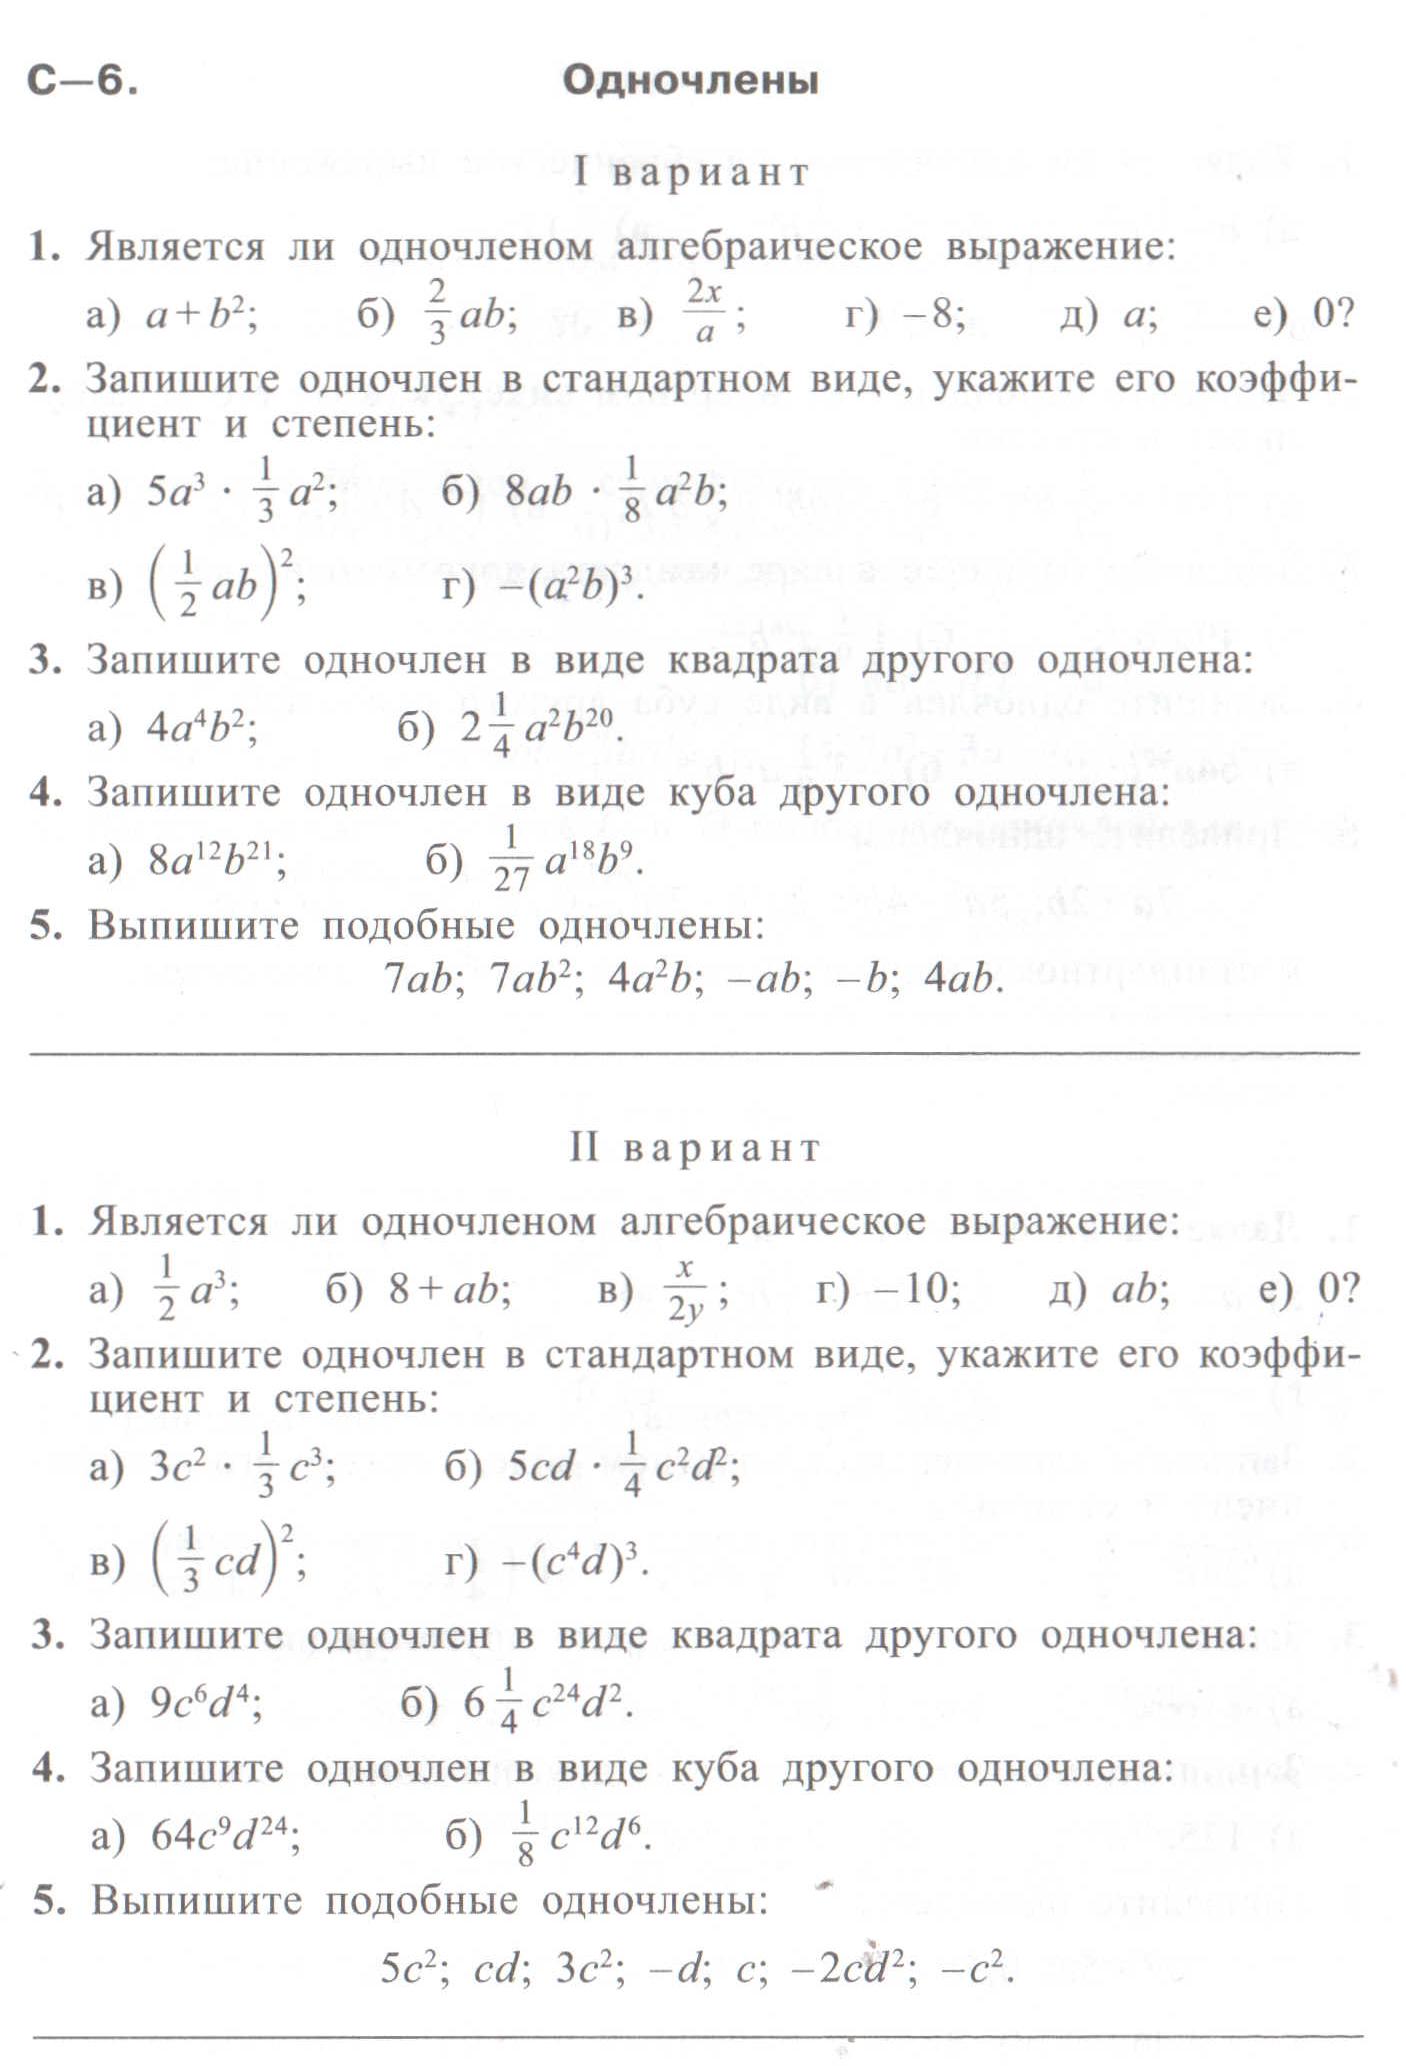 Алгебра ответы на контрольную работу 5 за 7й класс